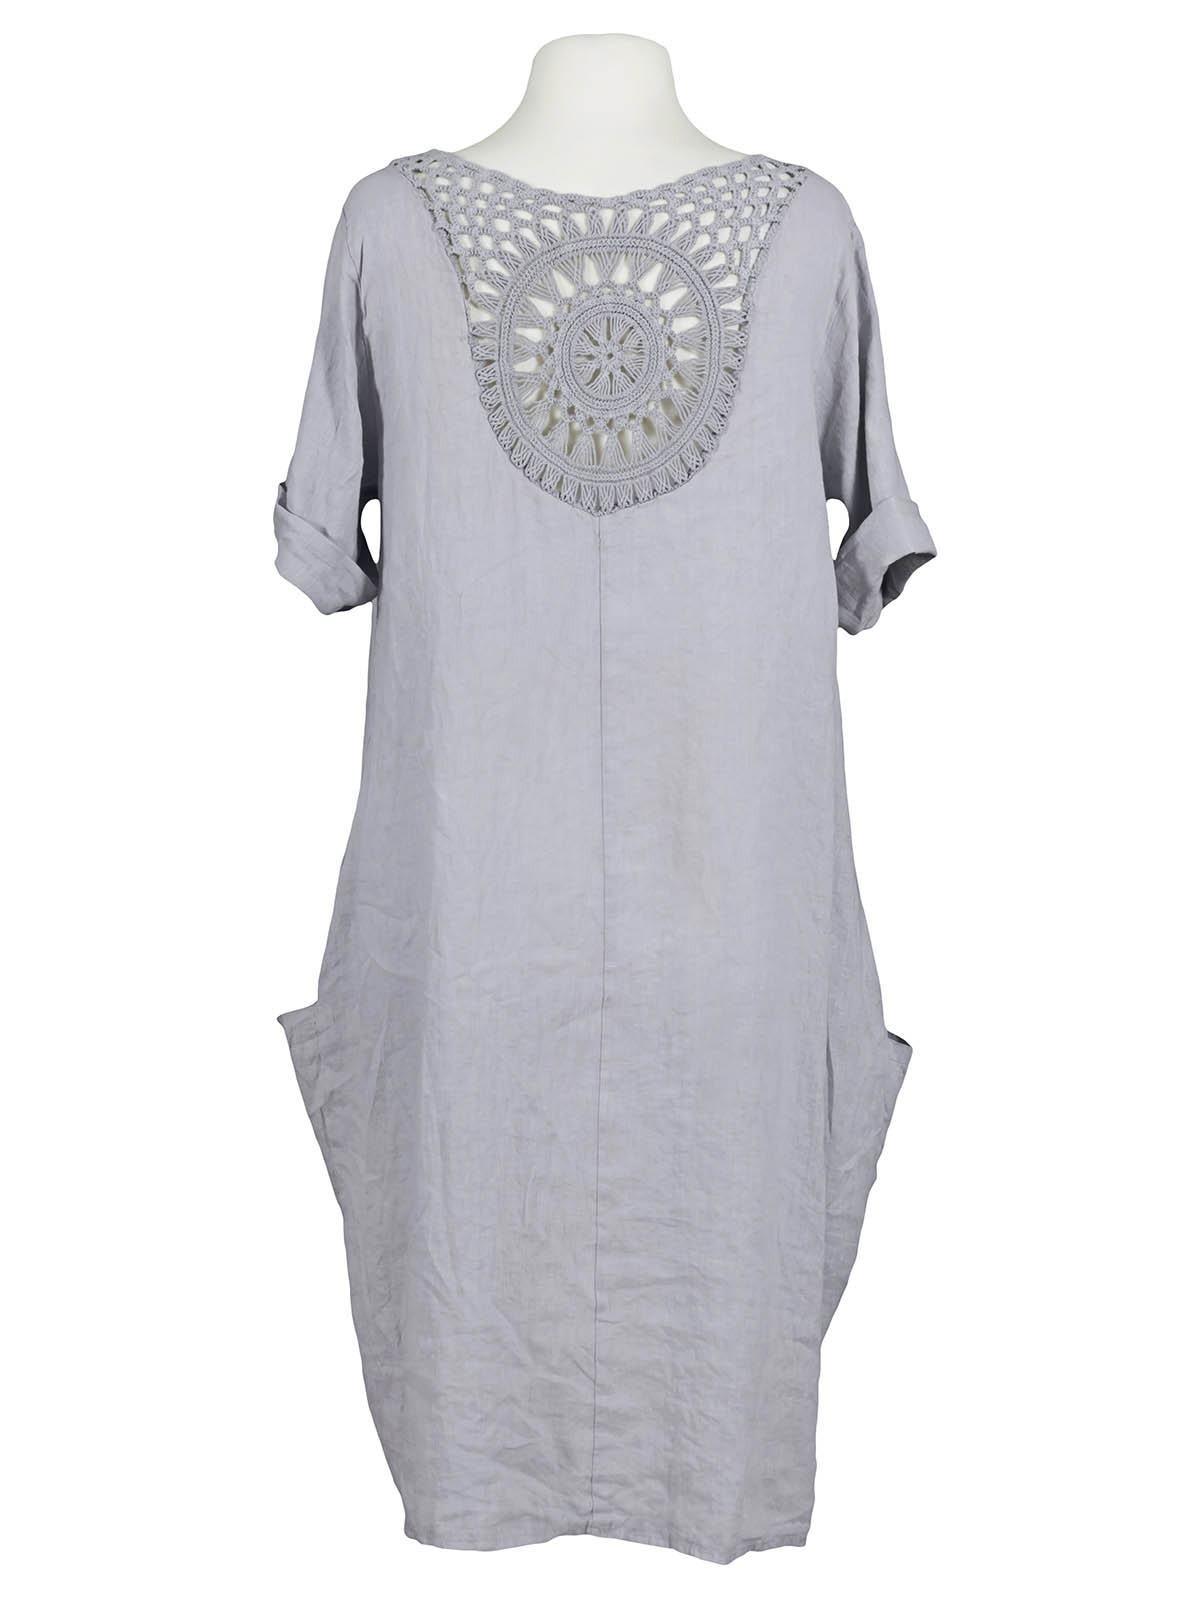 20 Elegant Kleid Grau Spitze Boutique15 Fantastisch Kleid Grau Spitze Stylish